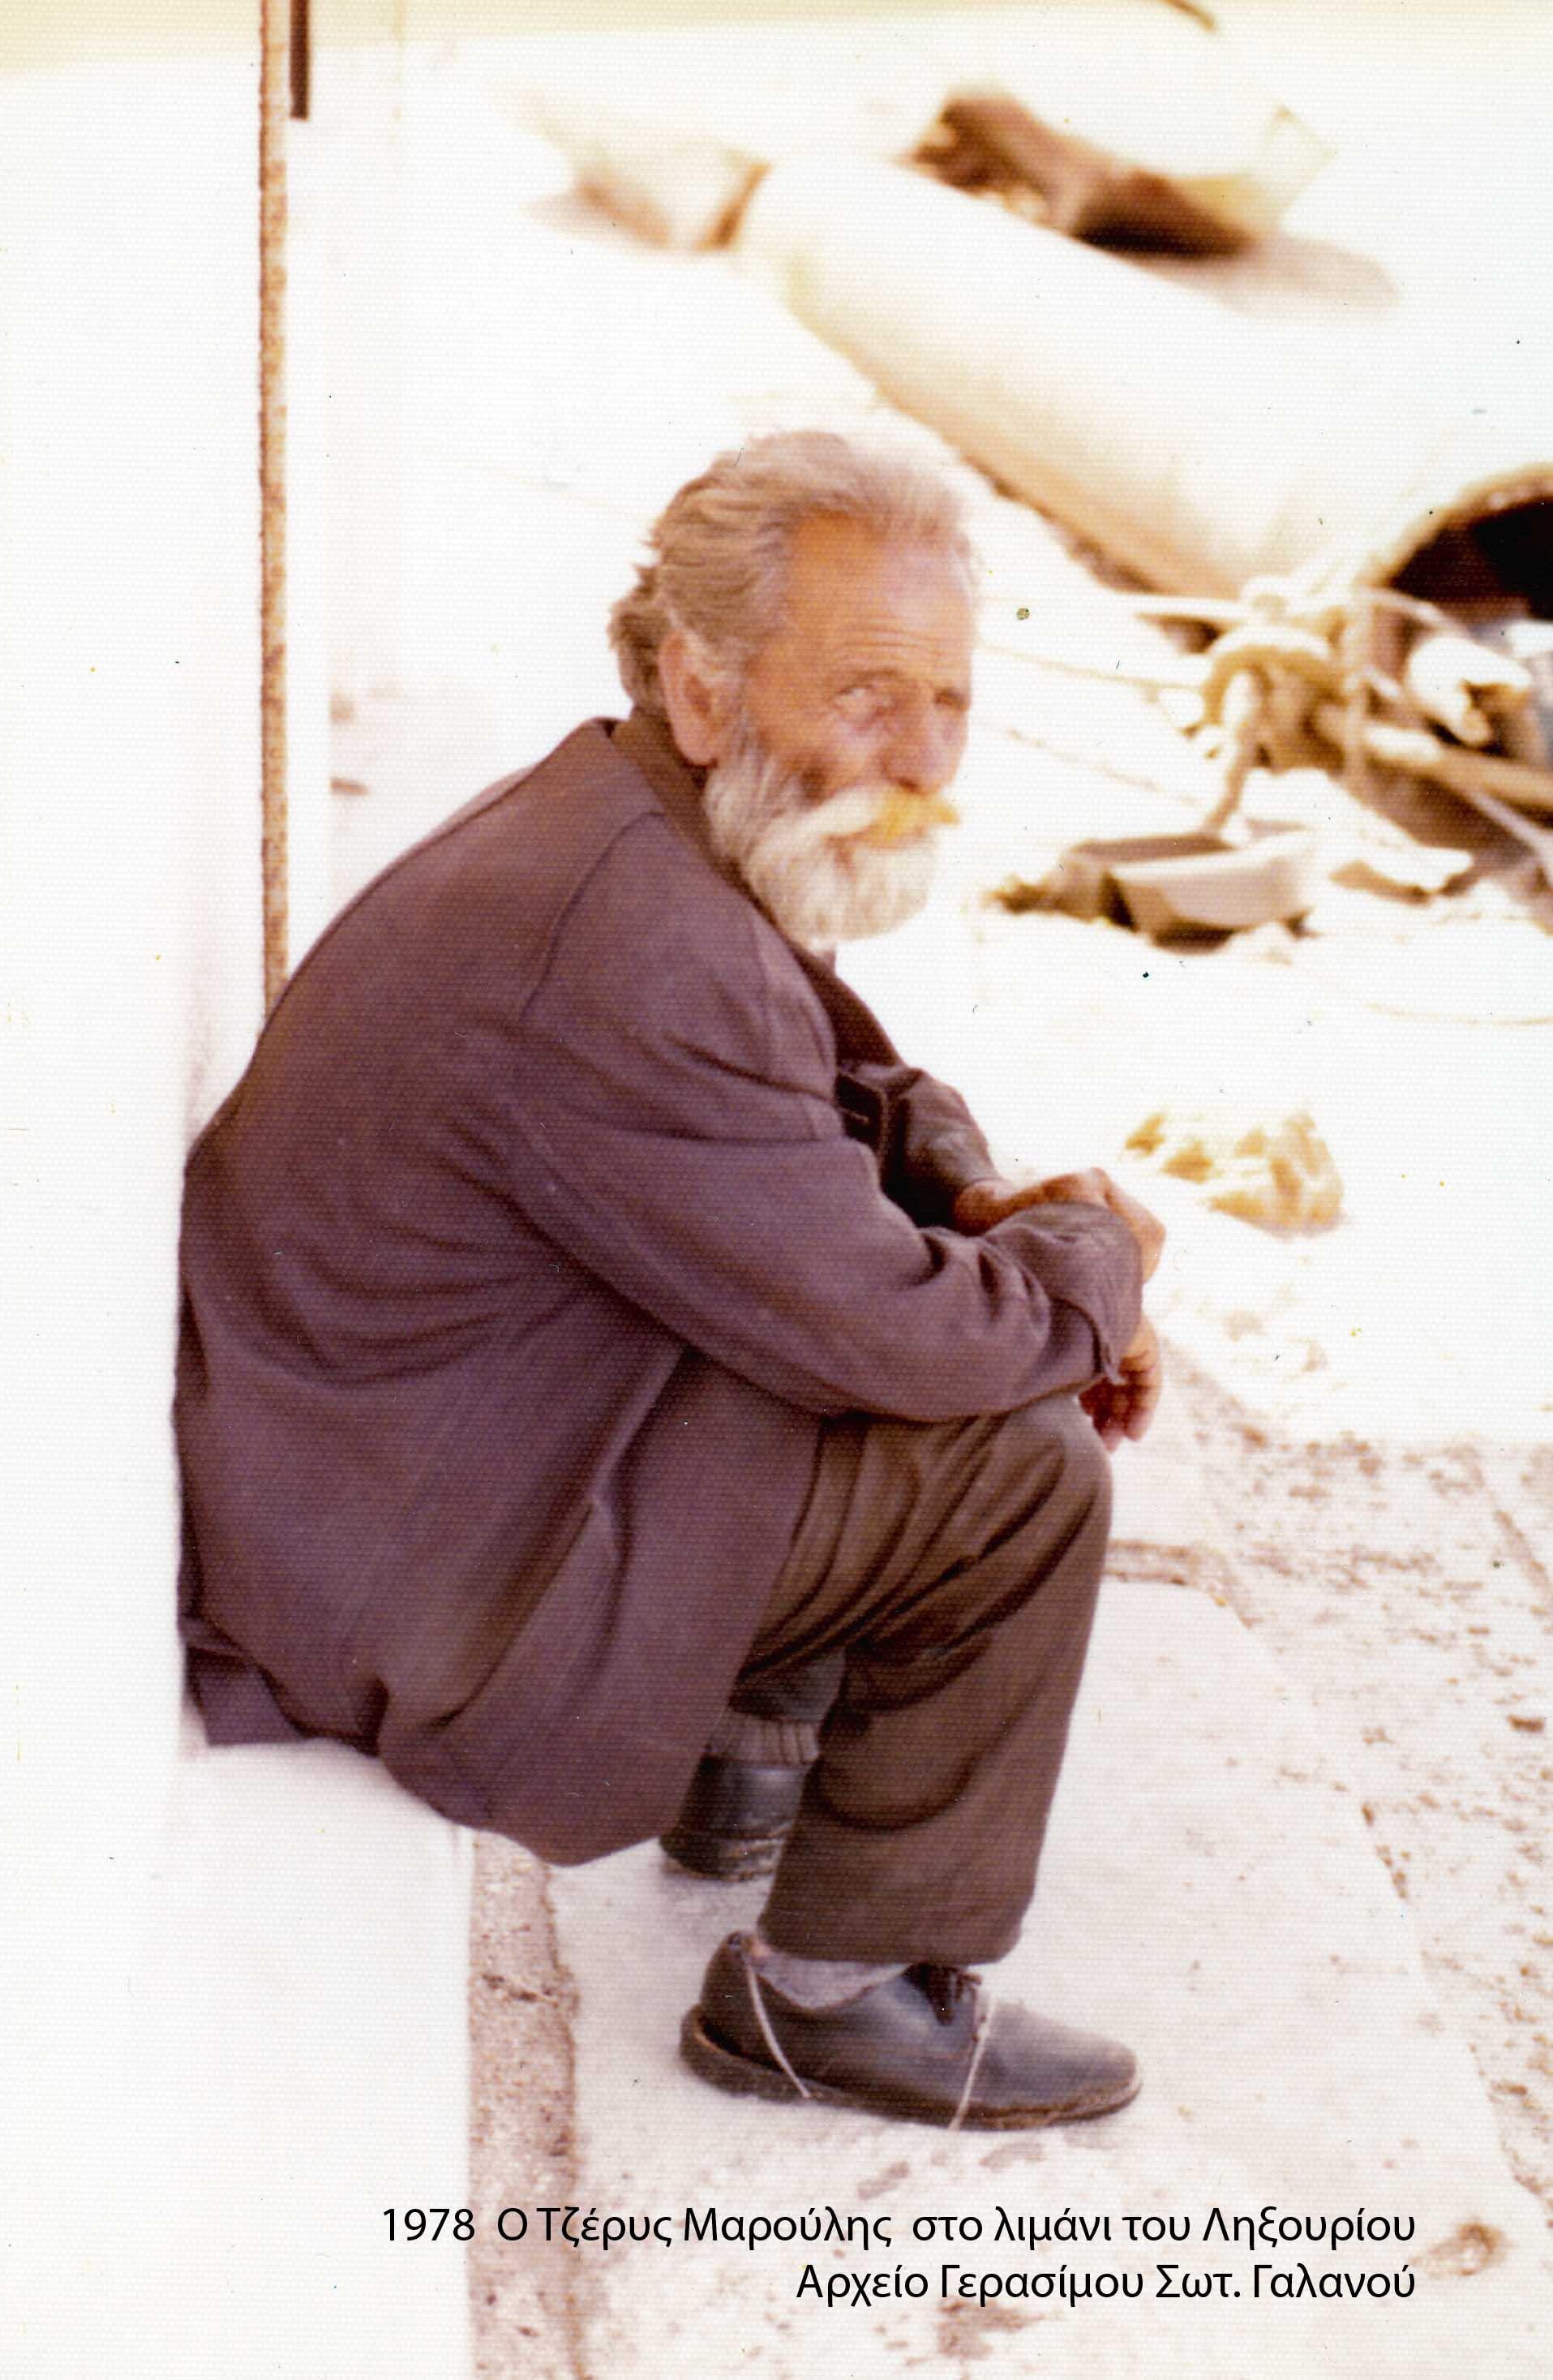 1978 Ο Τζέρυς Μαρούλης κοιτάζοντας το φακό